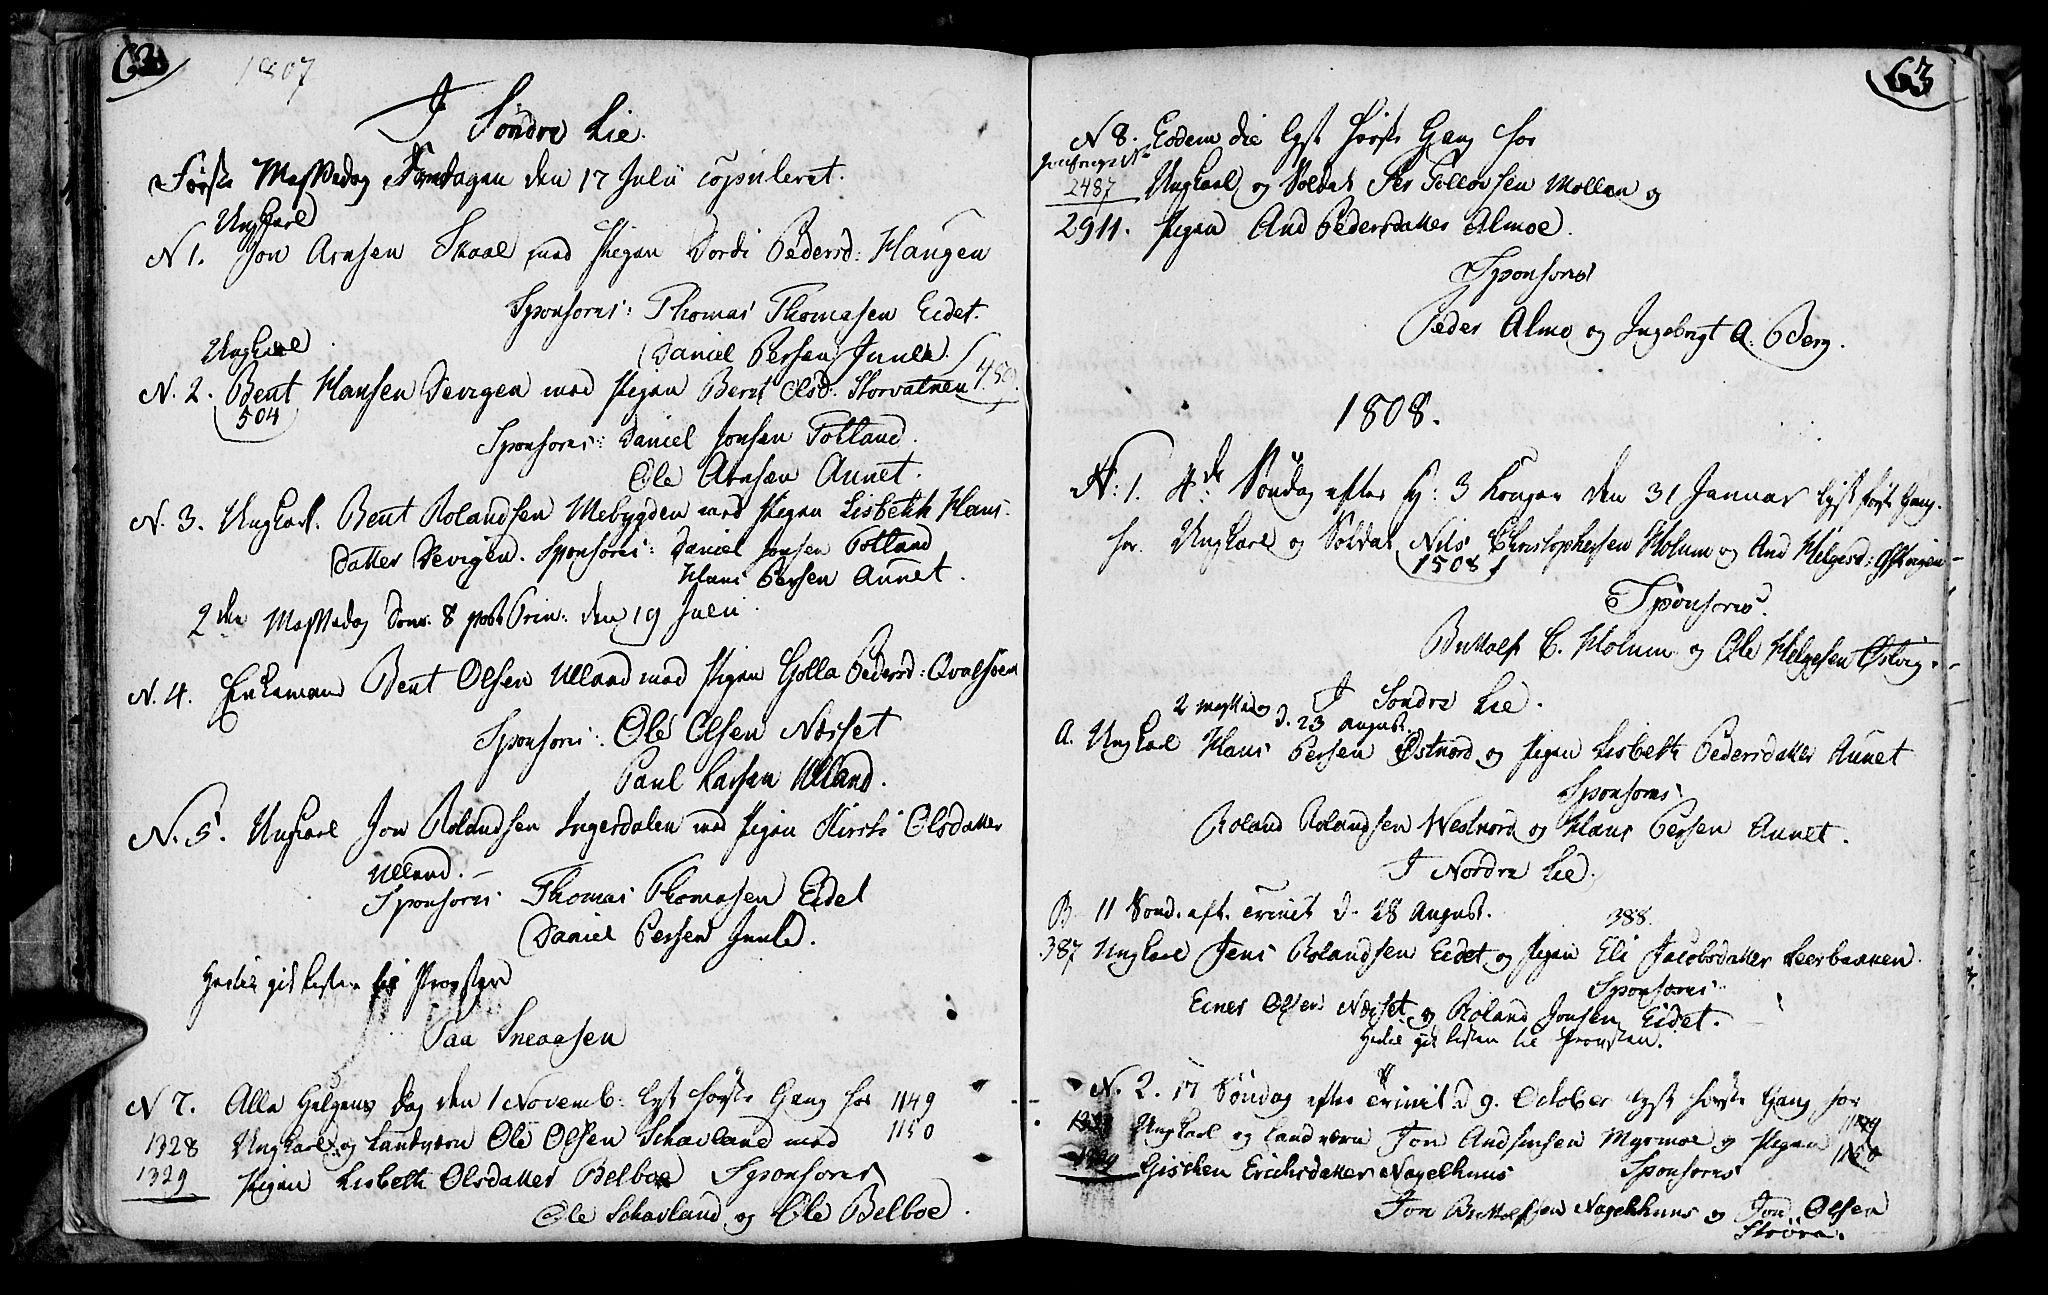 SAT, Ministerialprotokoller, klokkerbøker og fødselsregistre - Nord-Trøndelag, 749/L0468: Ministerialbok nr. 749A02, 1787-1817, s. 62-63